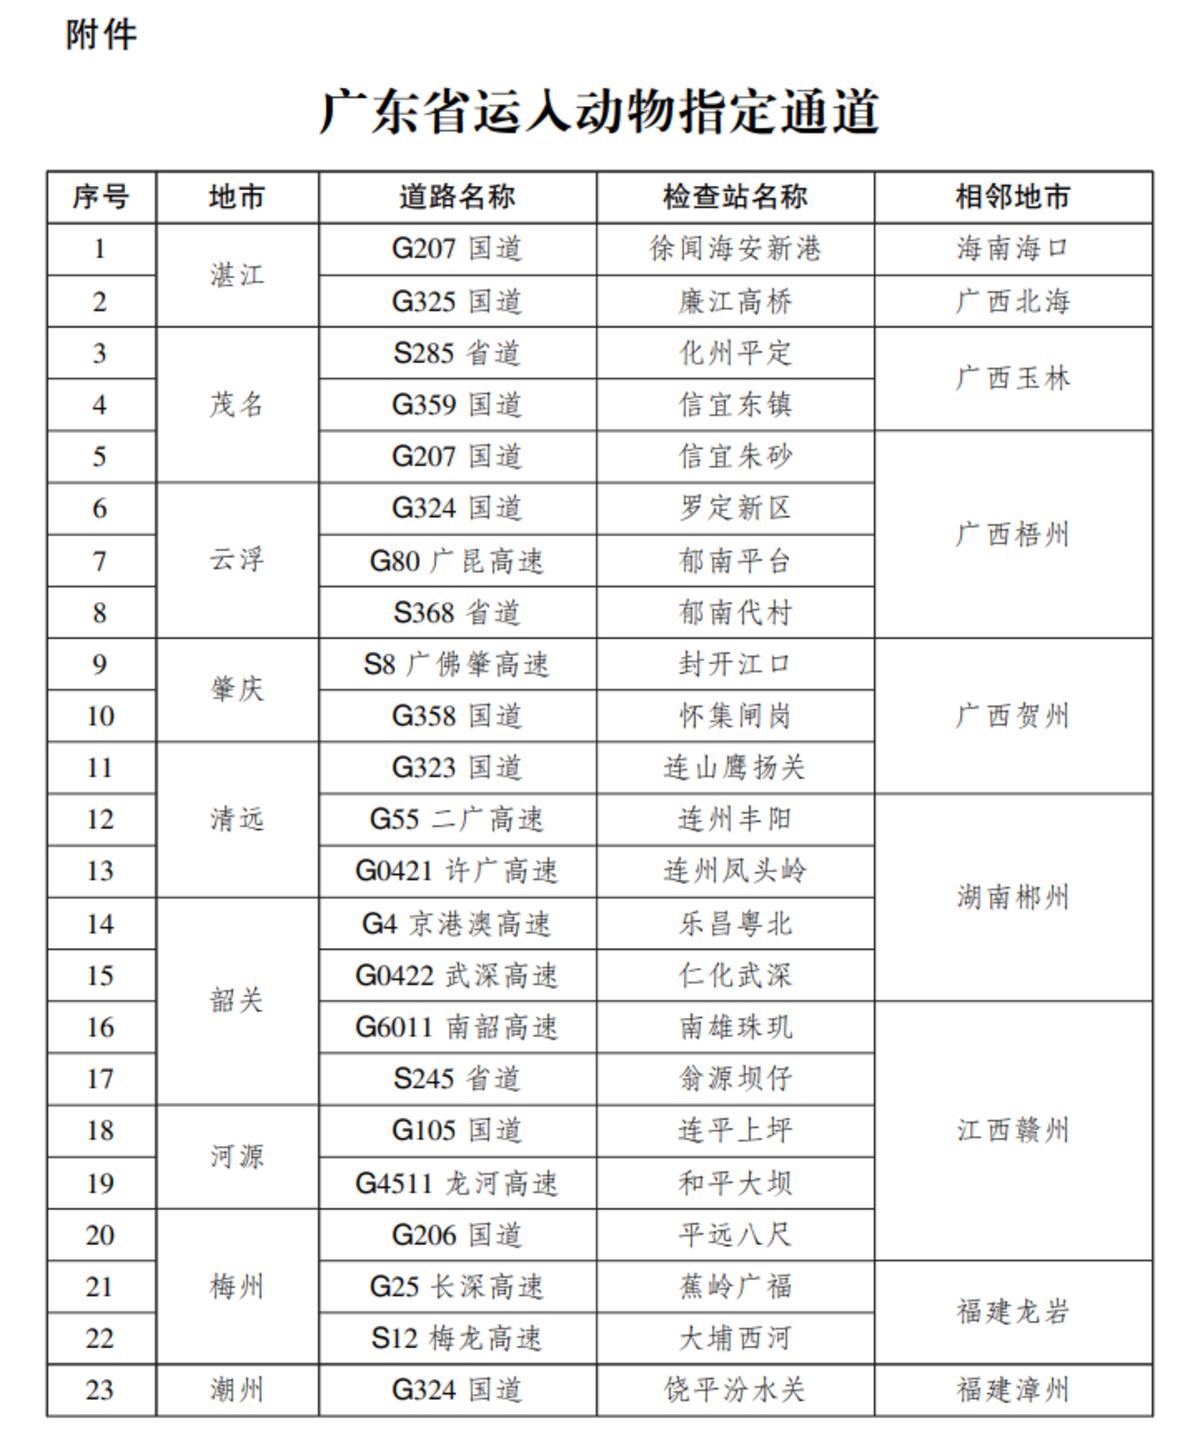 广东省政府发文!运入动物需从这23个指定通道通过(附通道名单)